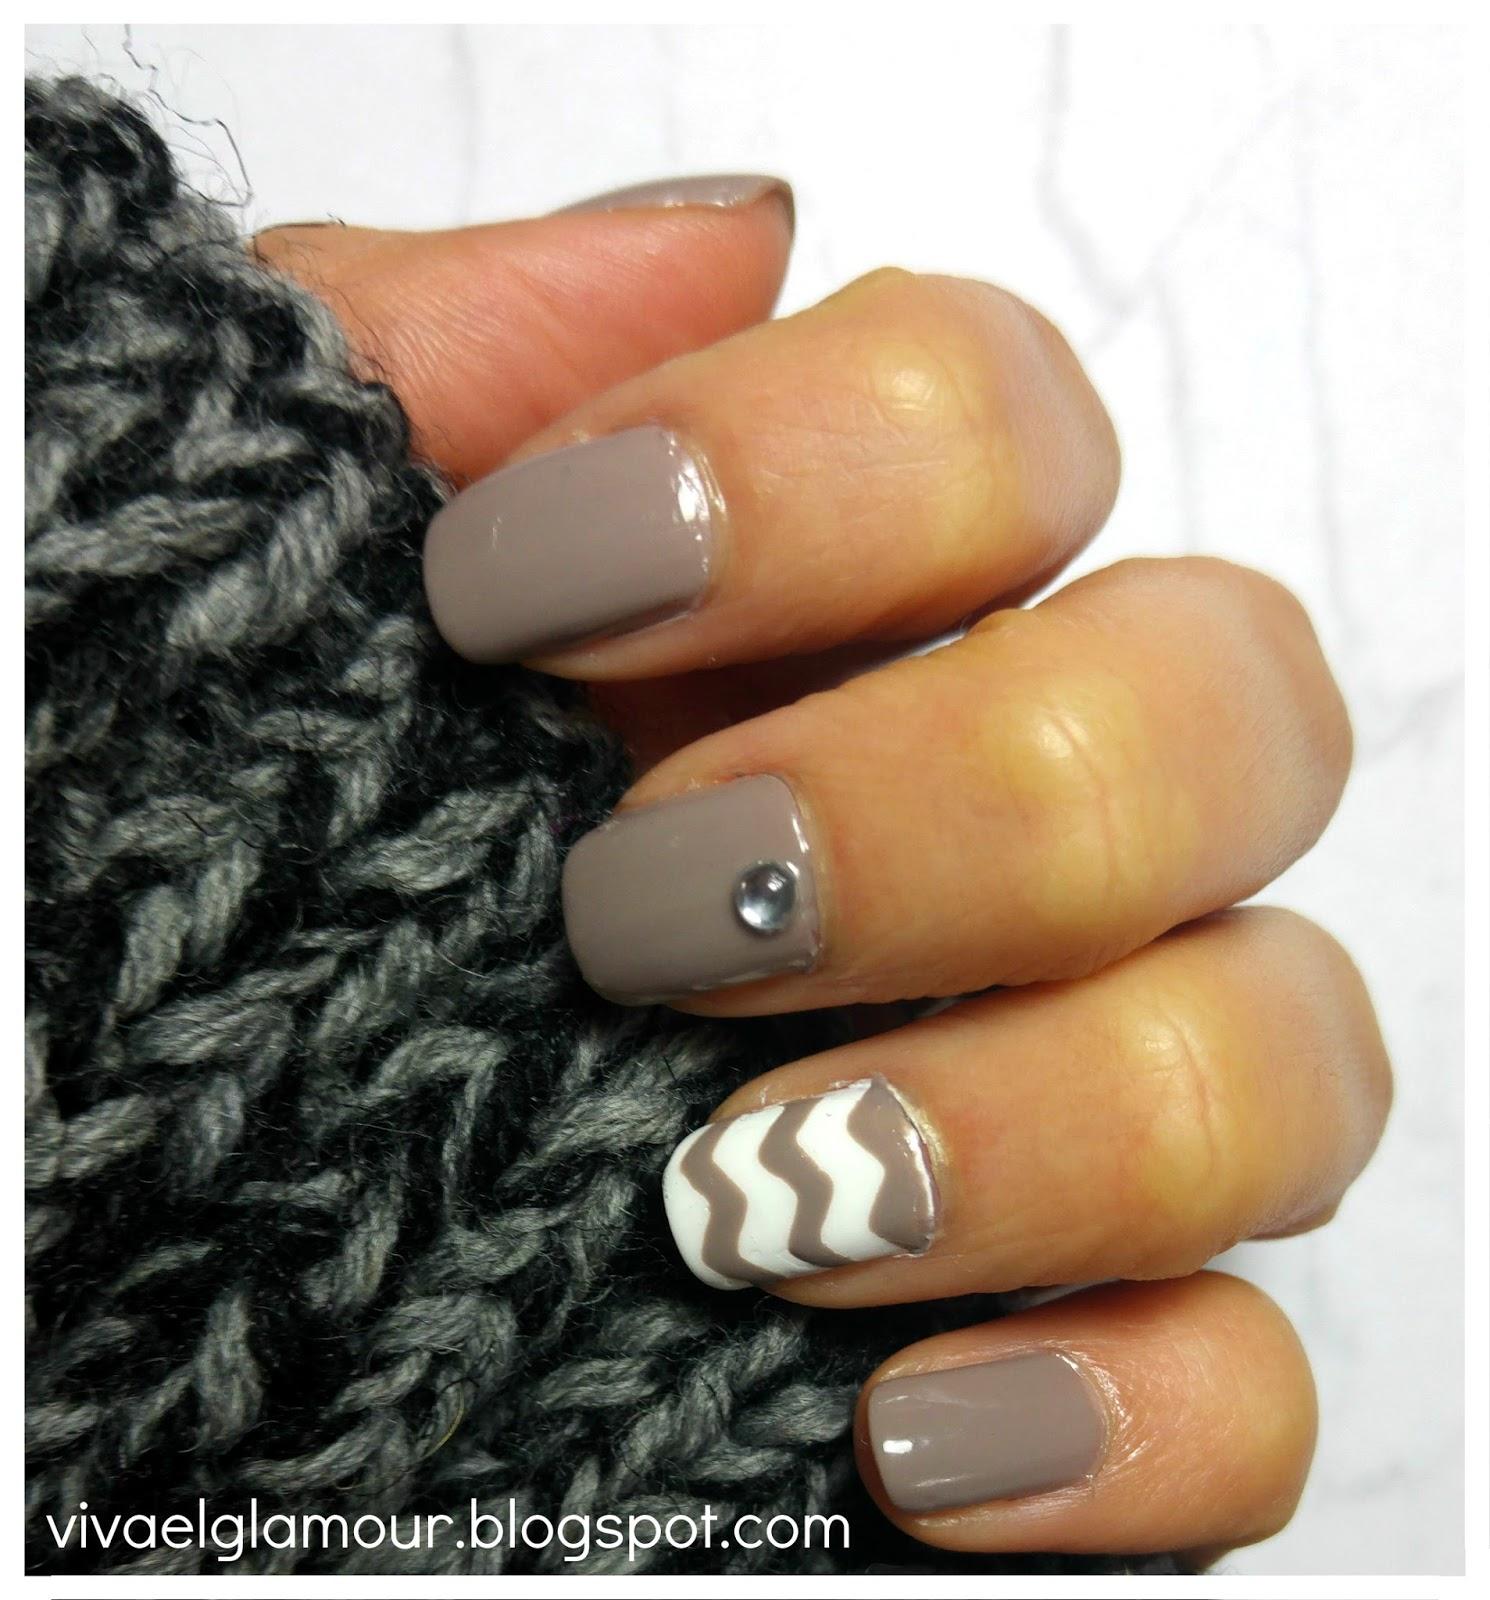 Viva el Glamour!: Uñas de la semana: Nail art y mini DIY